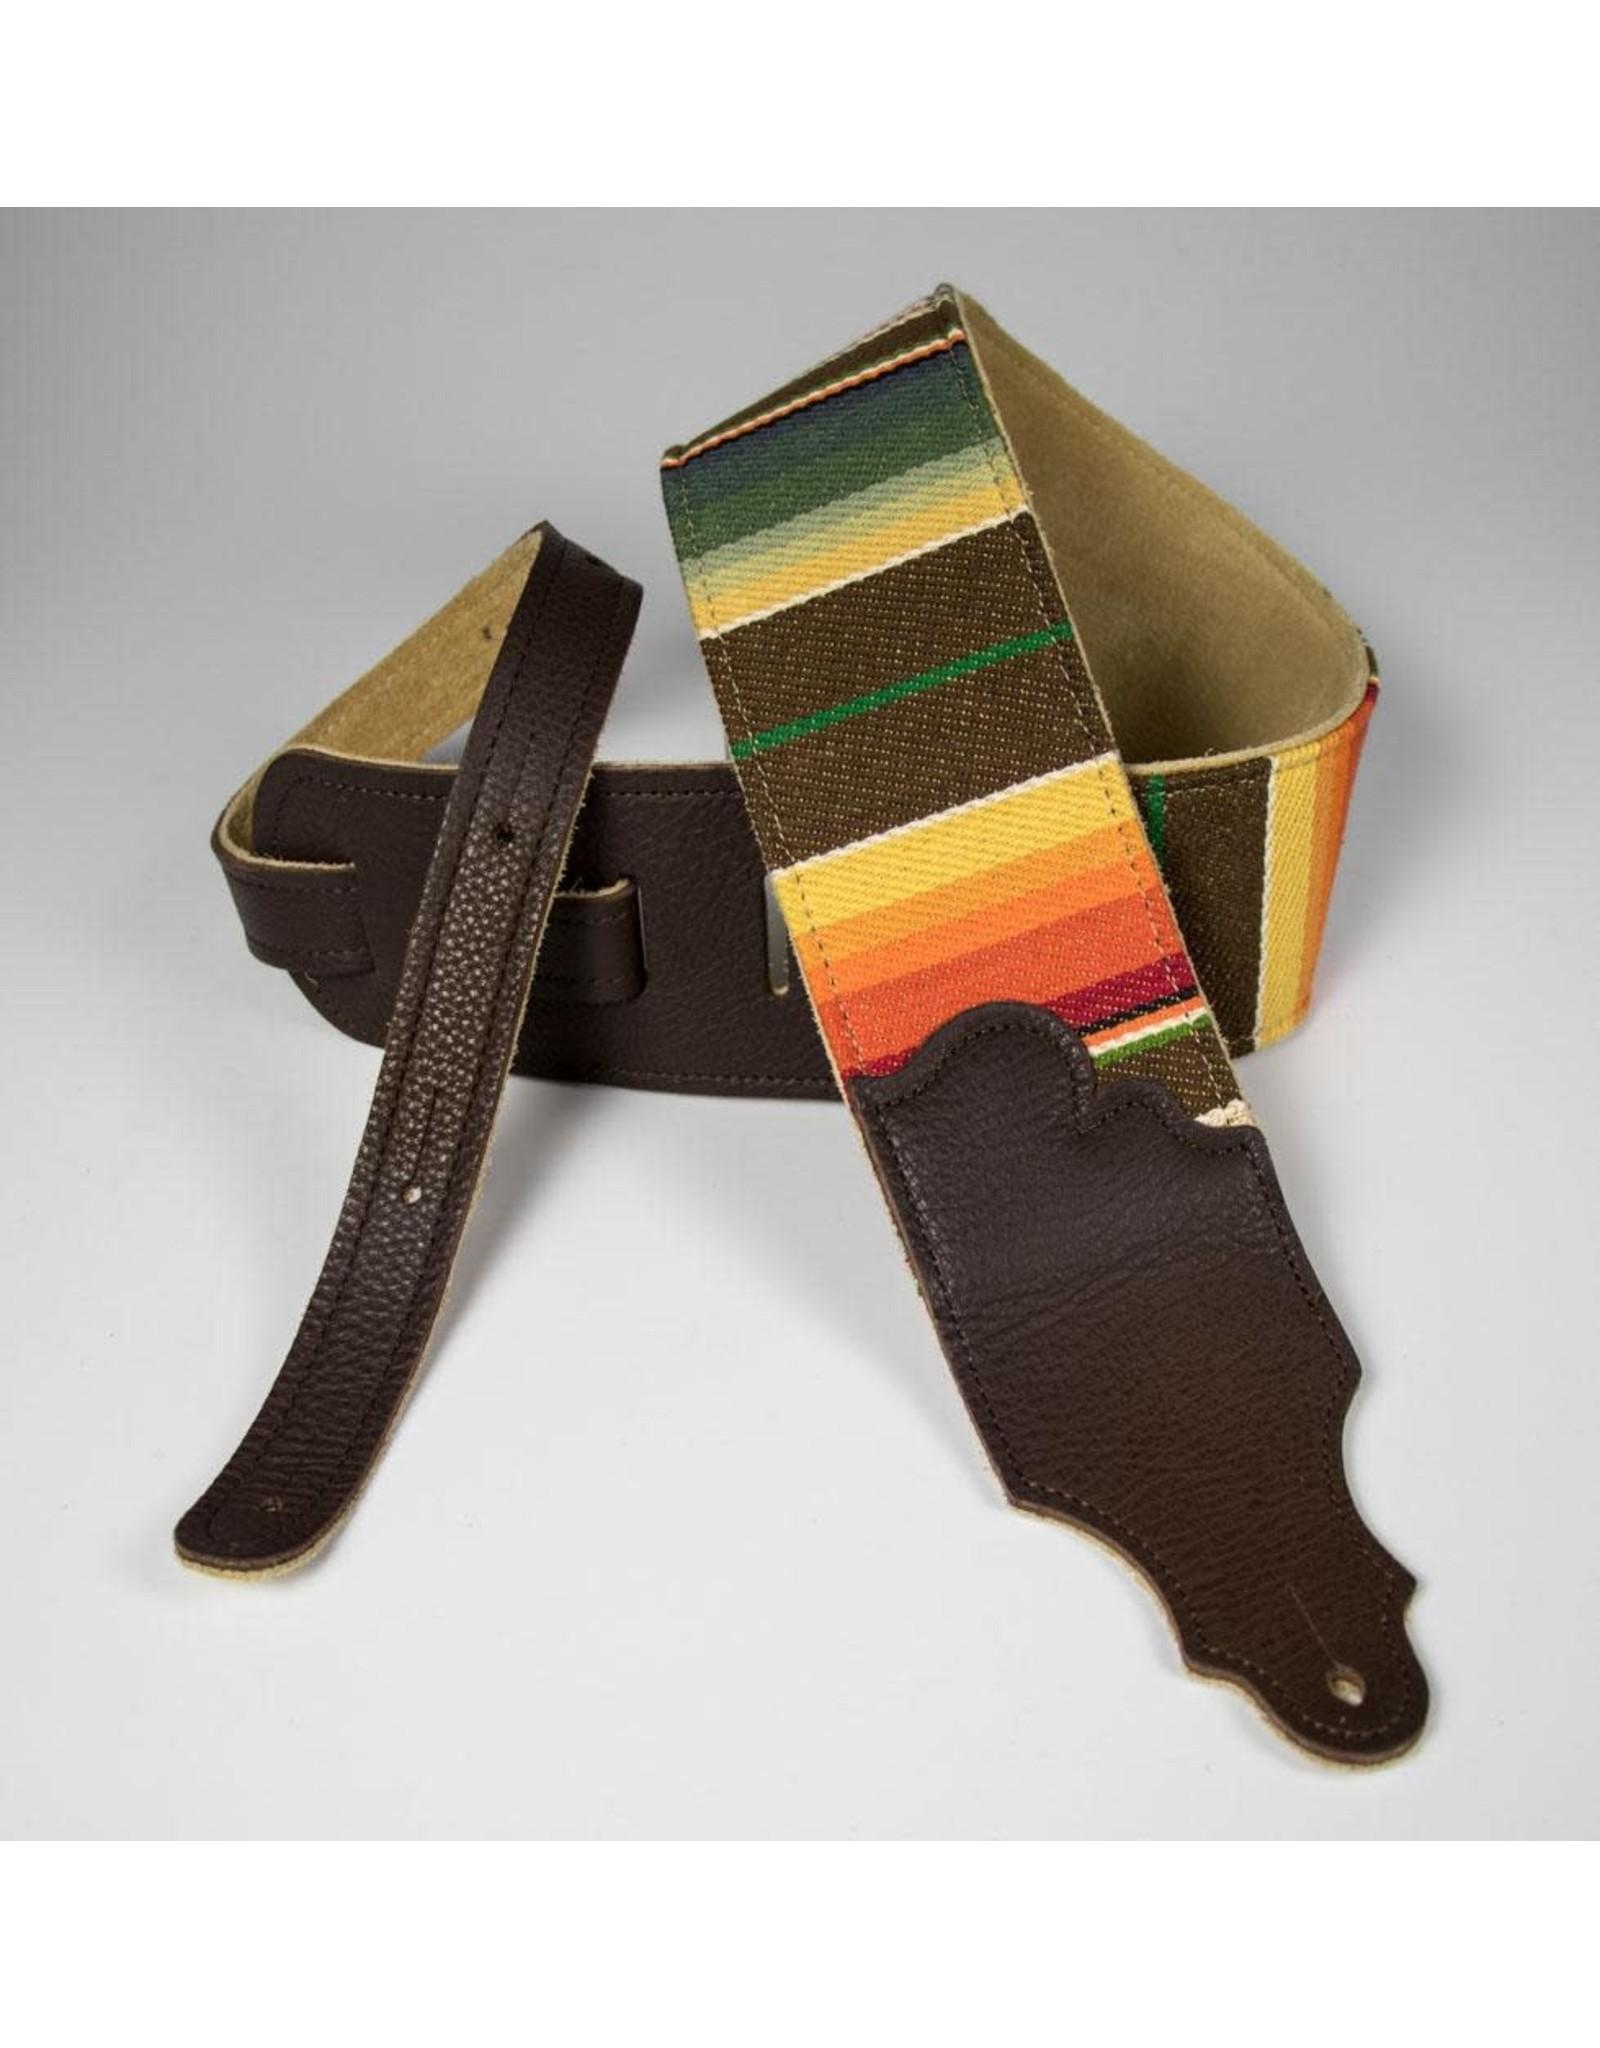 Franklin Franklin 3″ Saddle Blanket Guitar Strap CHOCOLATE